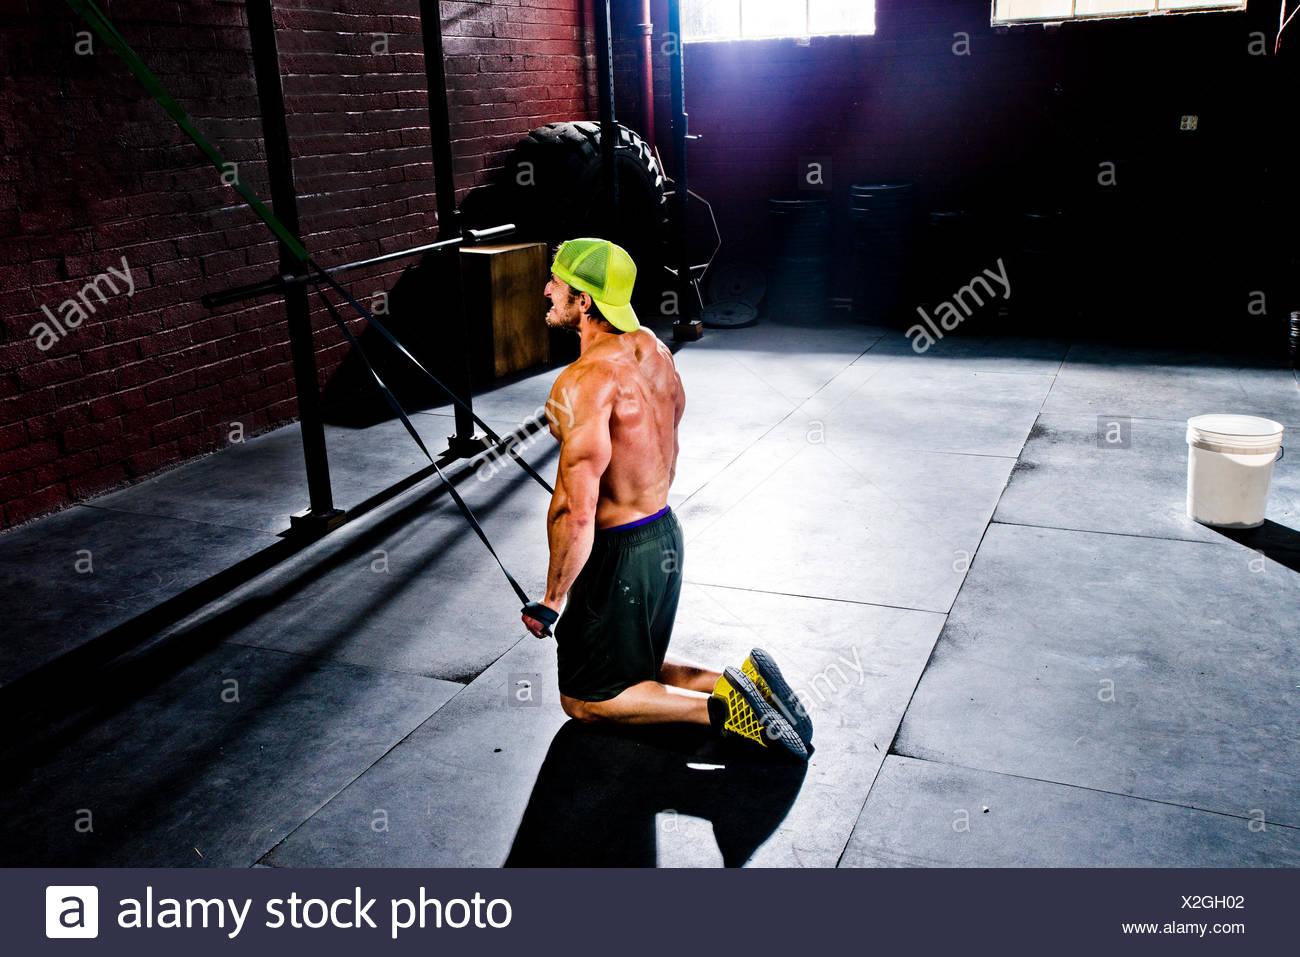 Un athlète crossfit l'élaboration avec bandes de résistance. Photo Stock